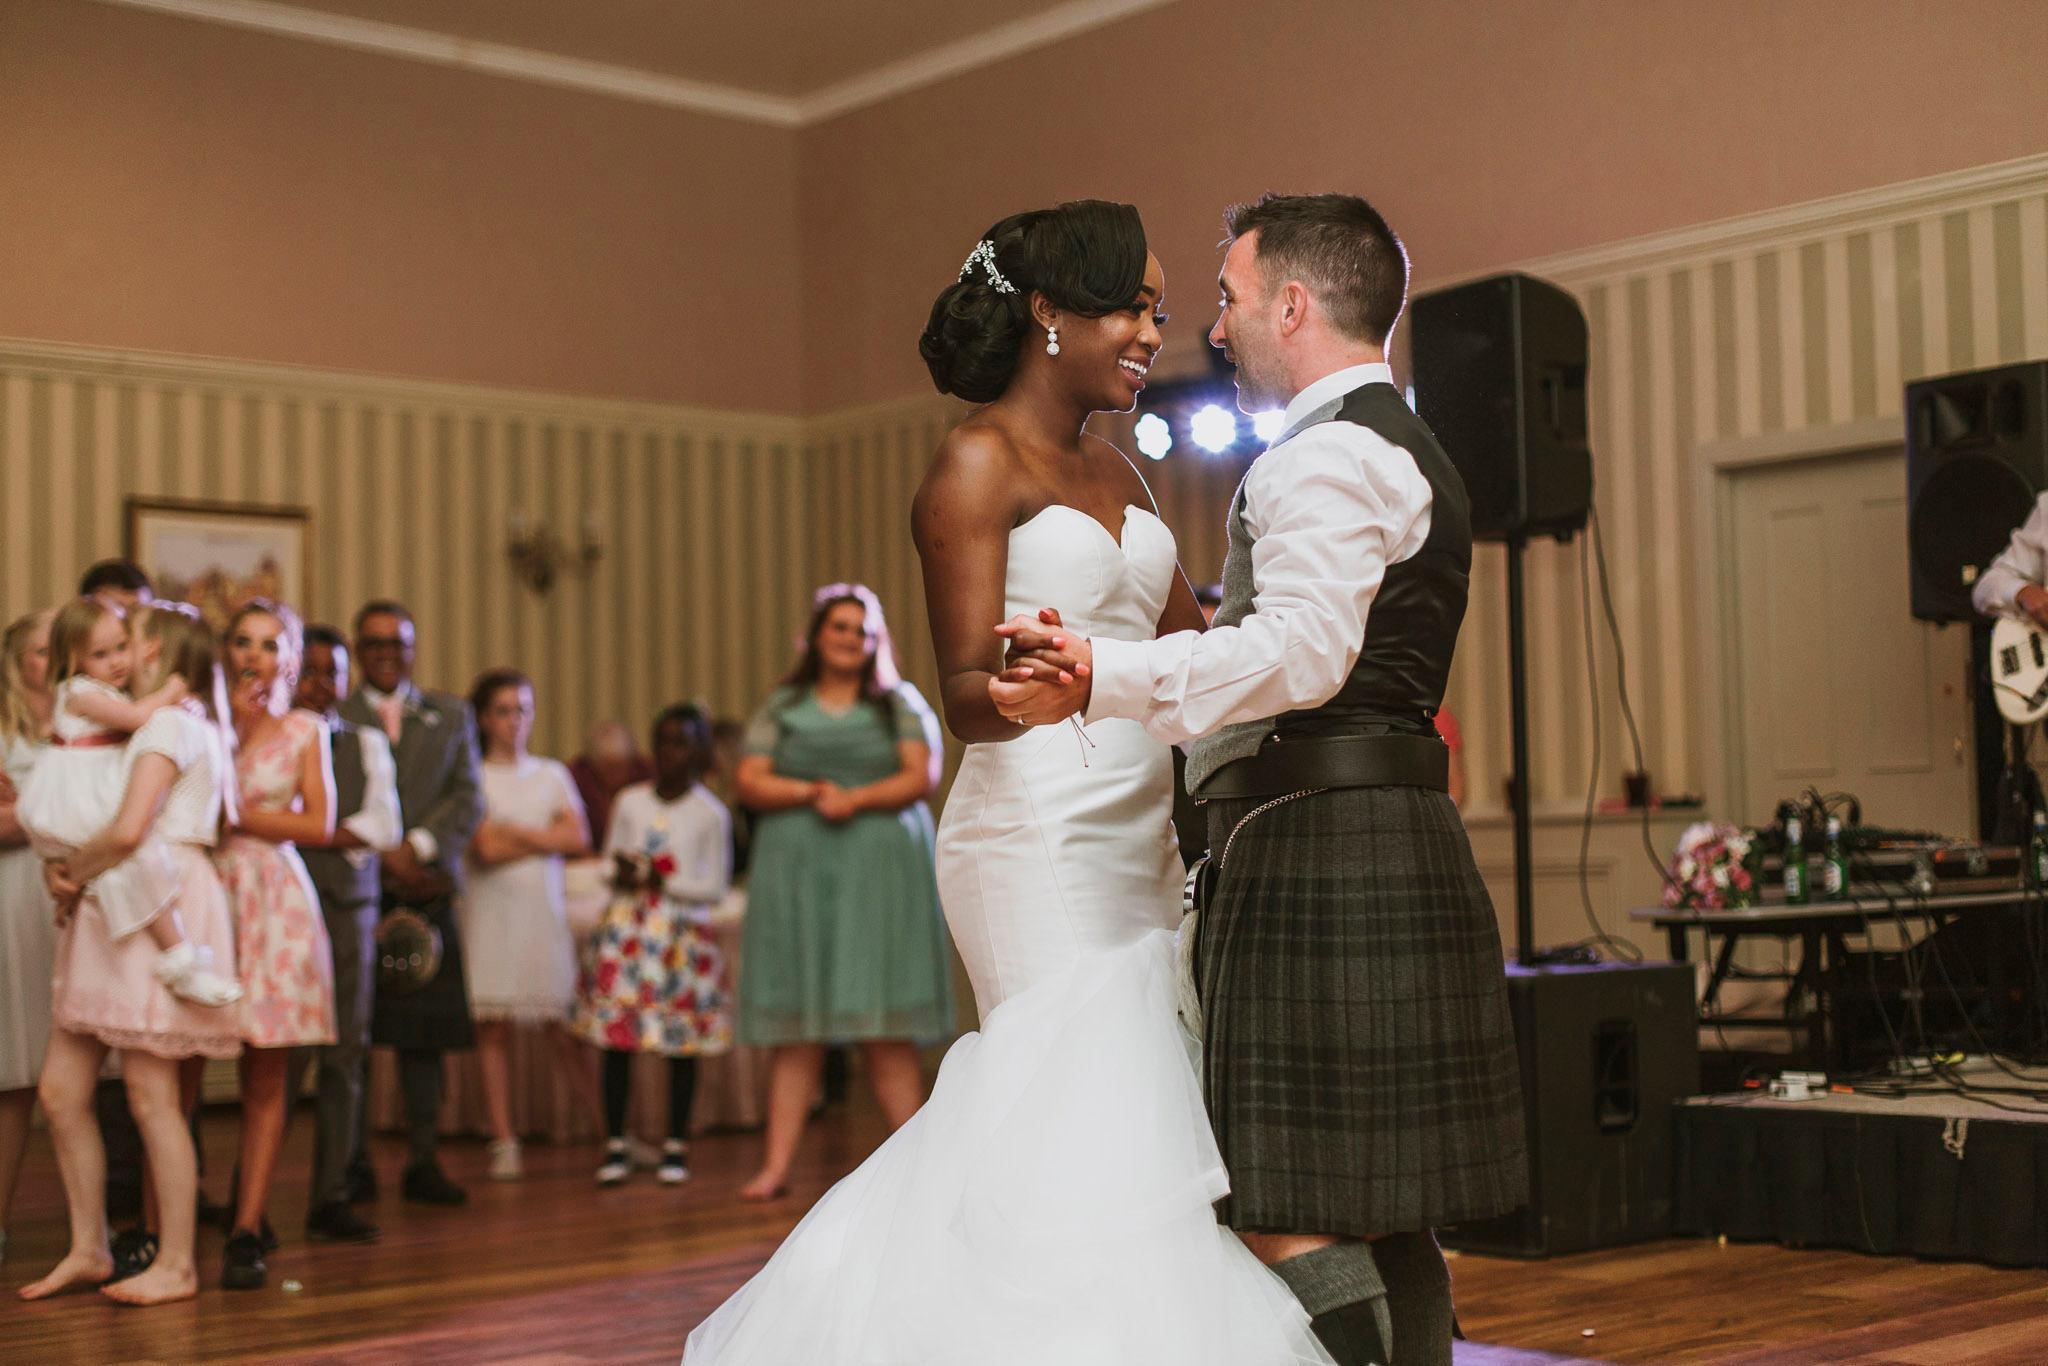 scotland-wedding-elopement-photographer-085.jpg